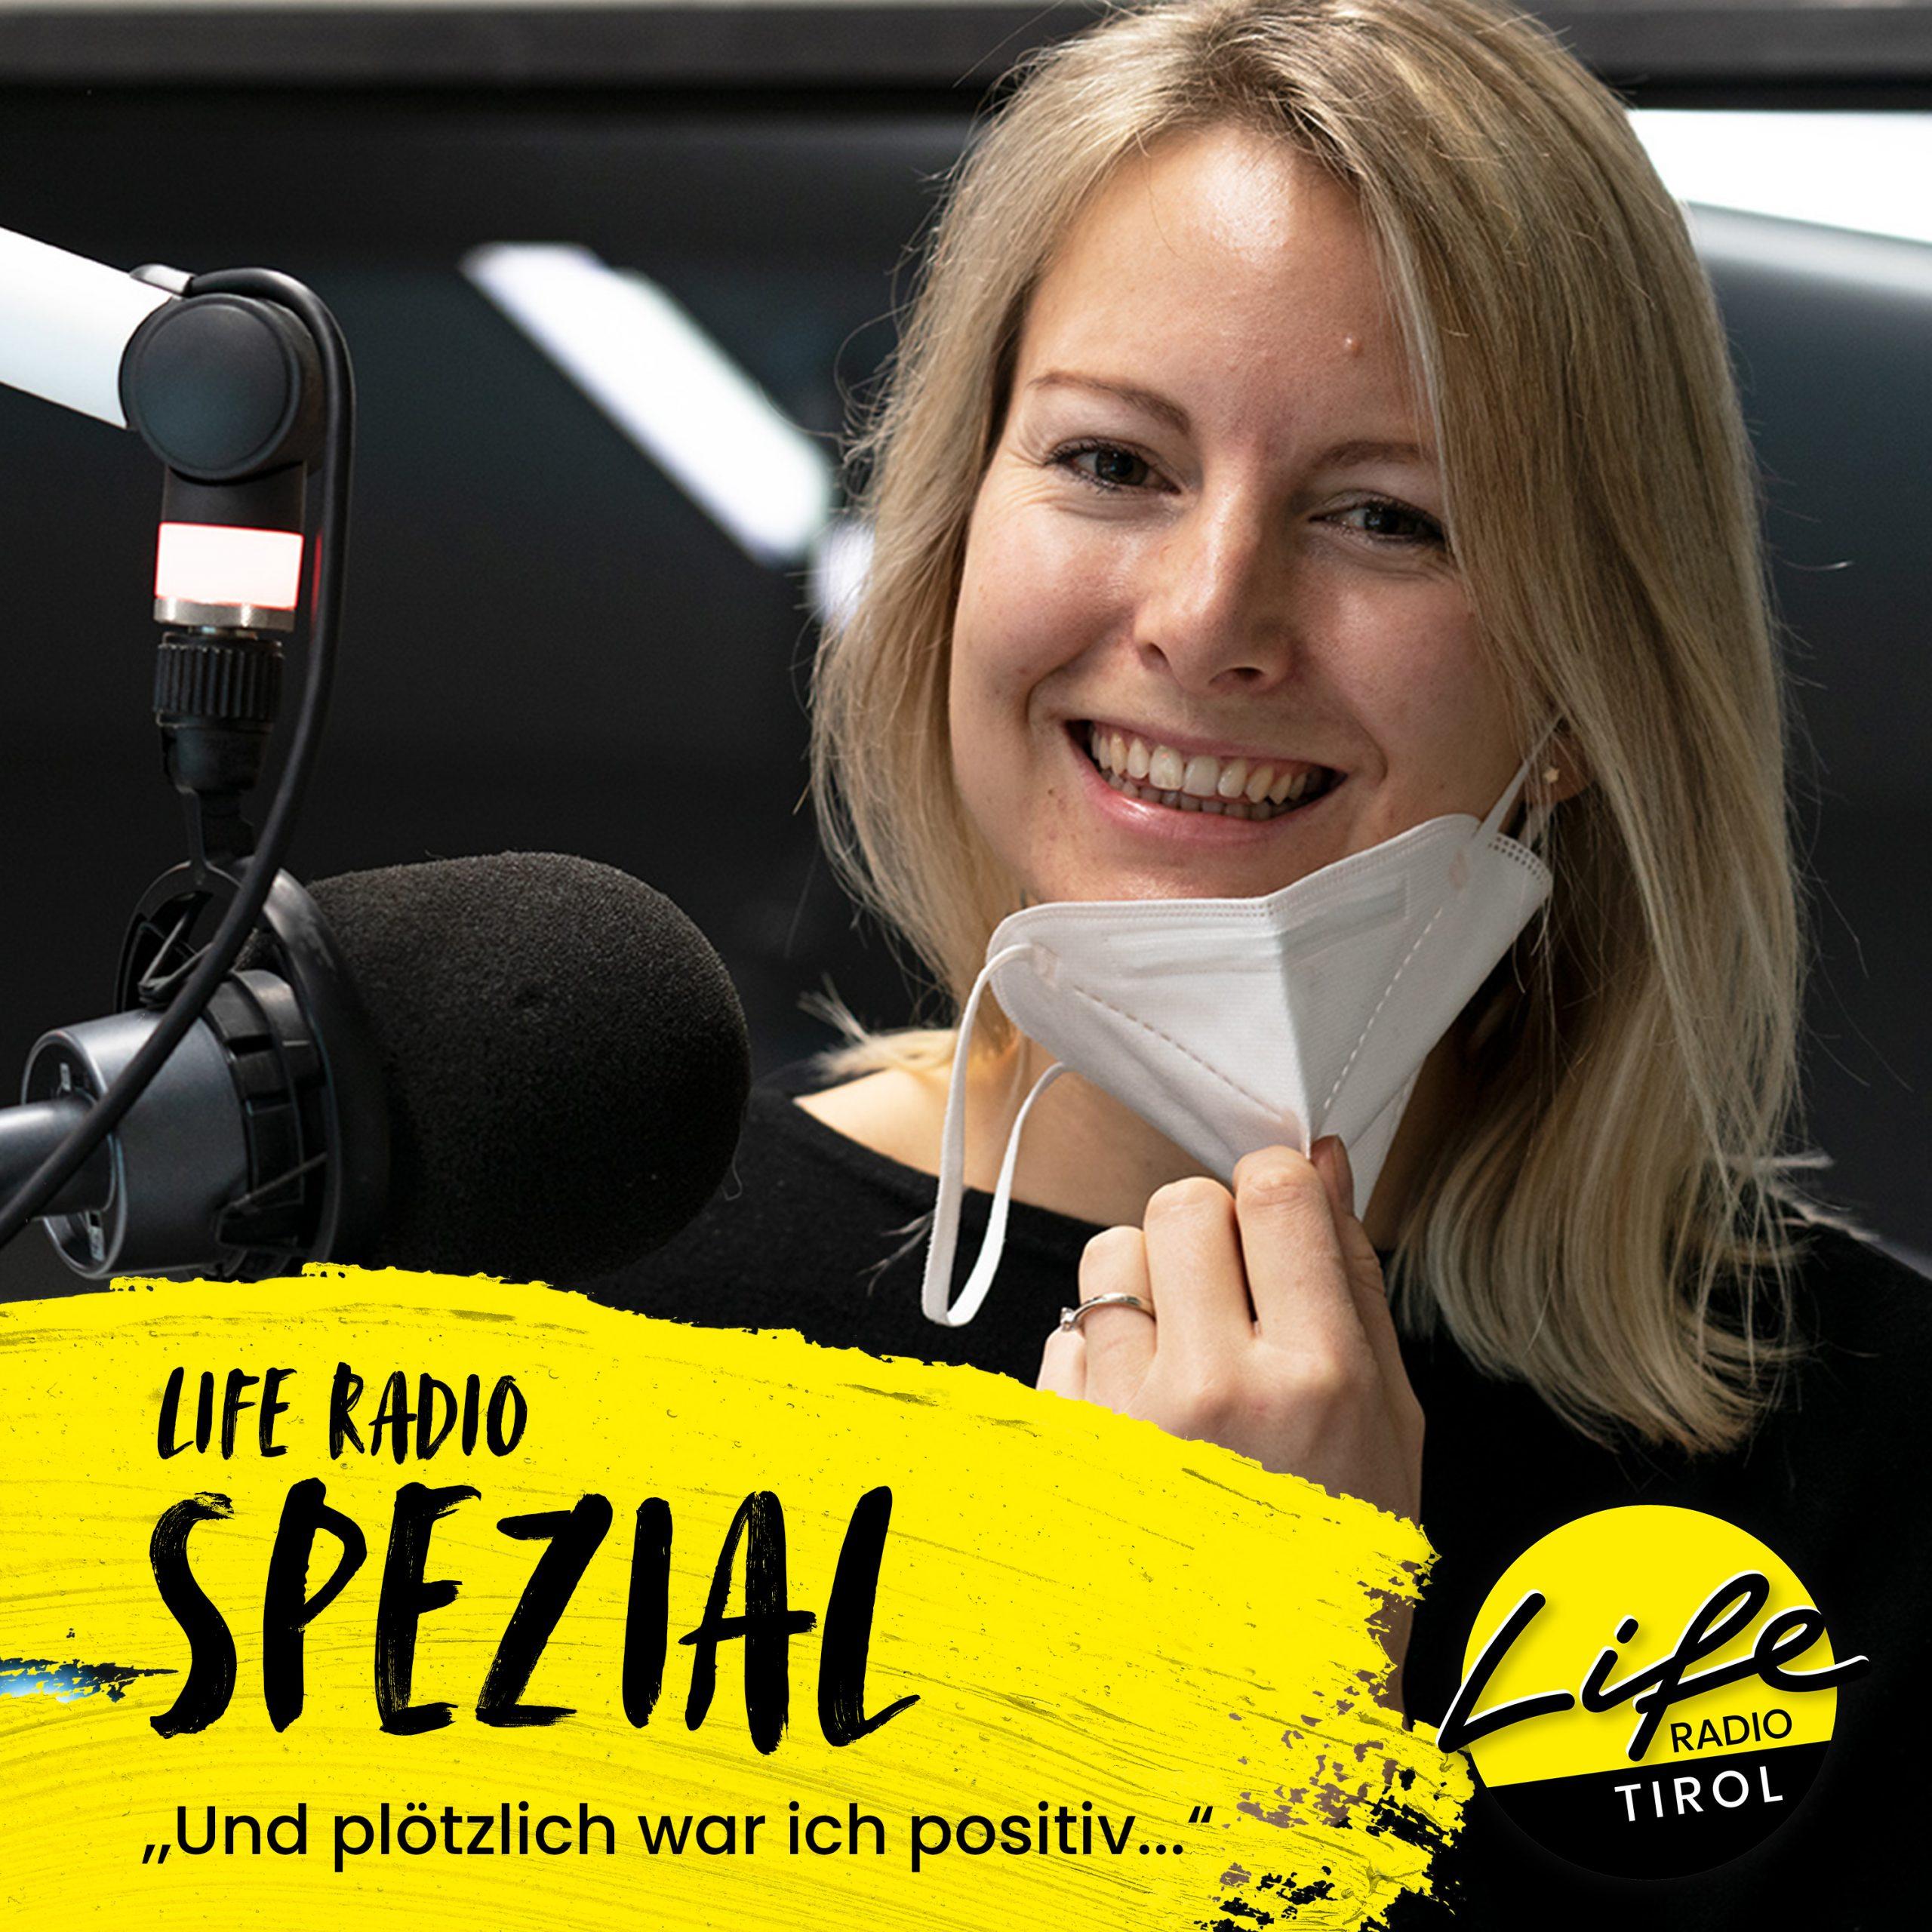 """Life Radio Spezial: """"Und plötzlich war ich positiv!"""""""